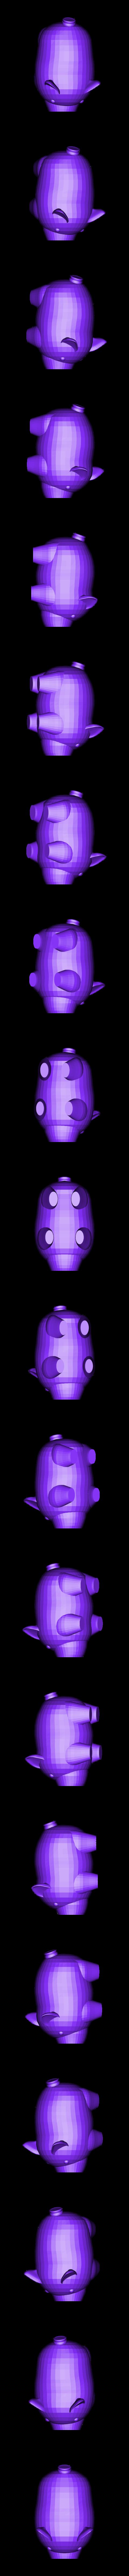 pig.stl Télécharger fichier STL gratuit Mini Cochon • Design à imprimer en 3D, brenda_cholula